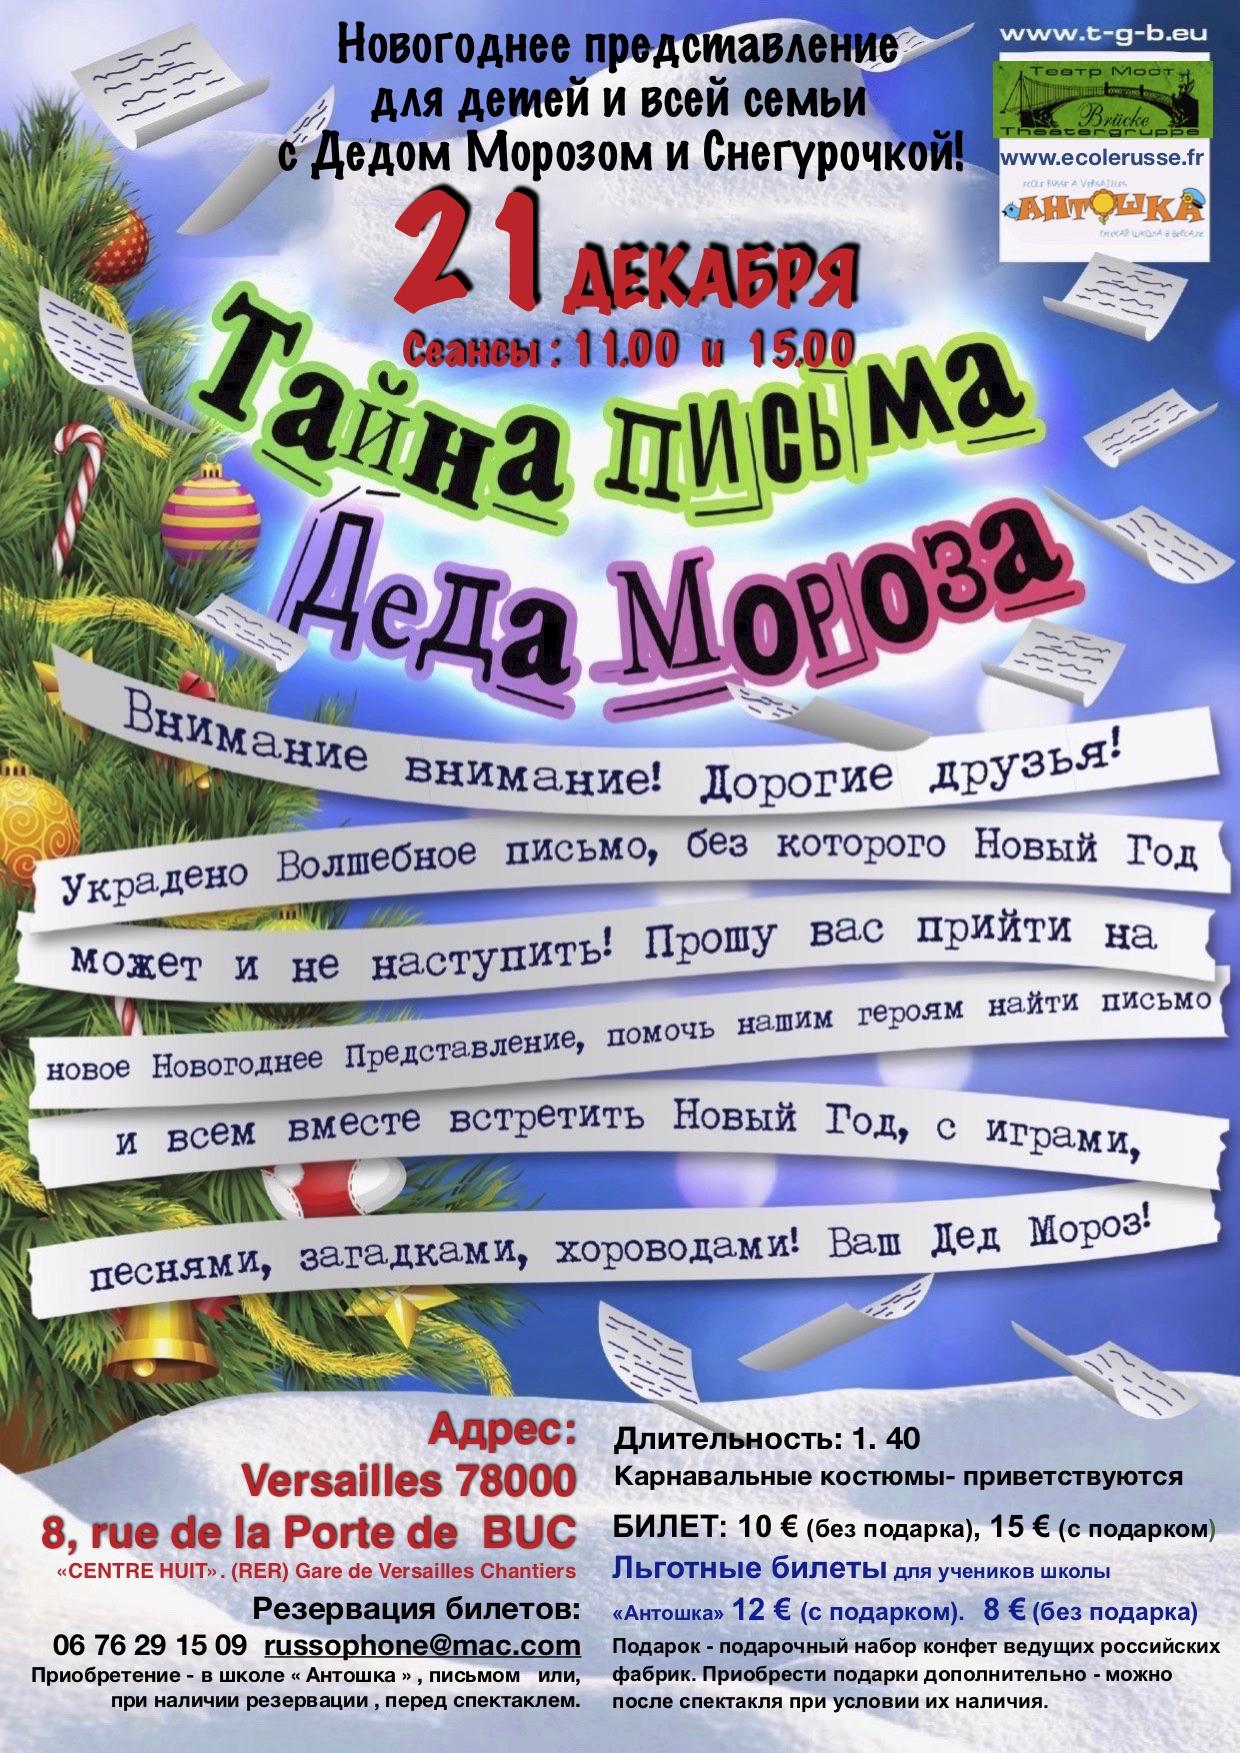 21.12.2019 ТАЙНА ПИСЬМА ДЕДА МОРОЗА Новогоднее представление для всей семьи.